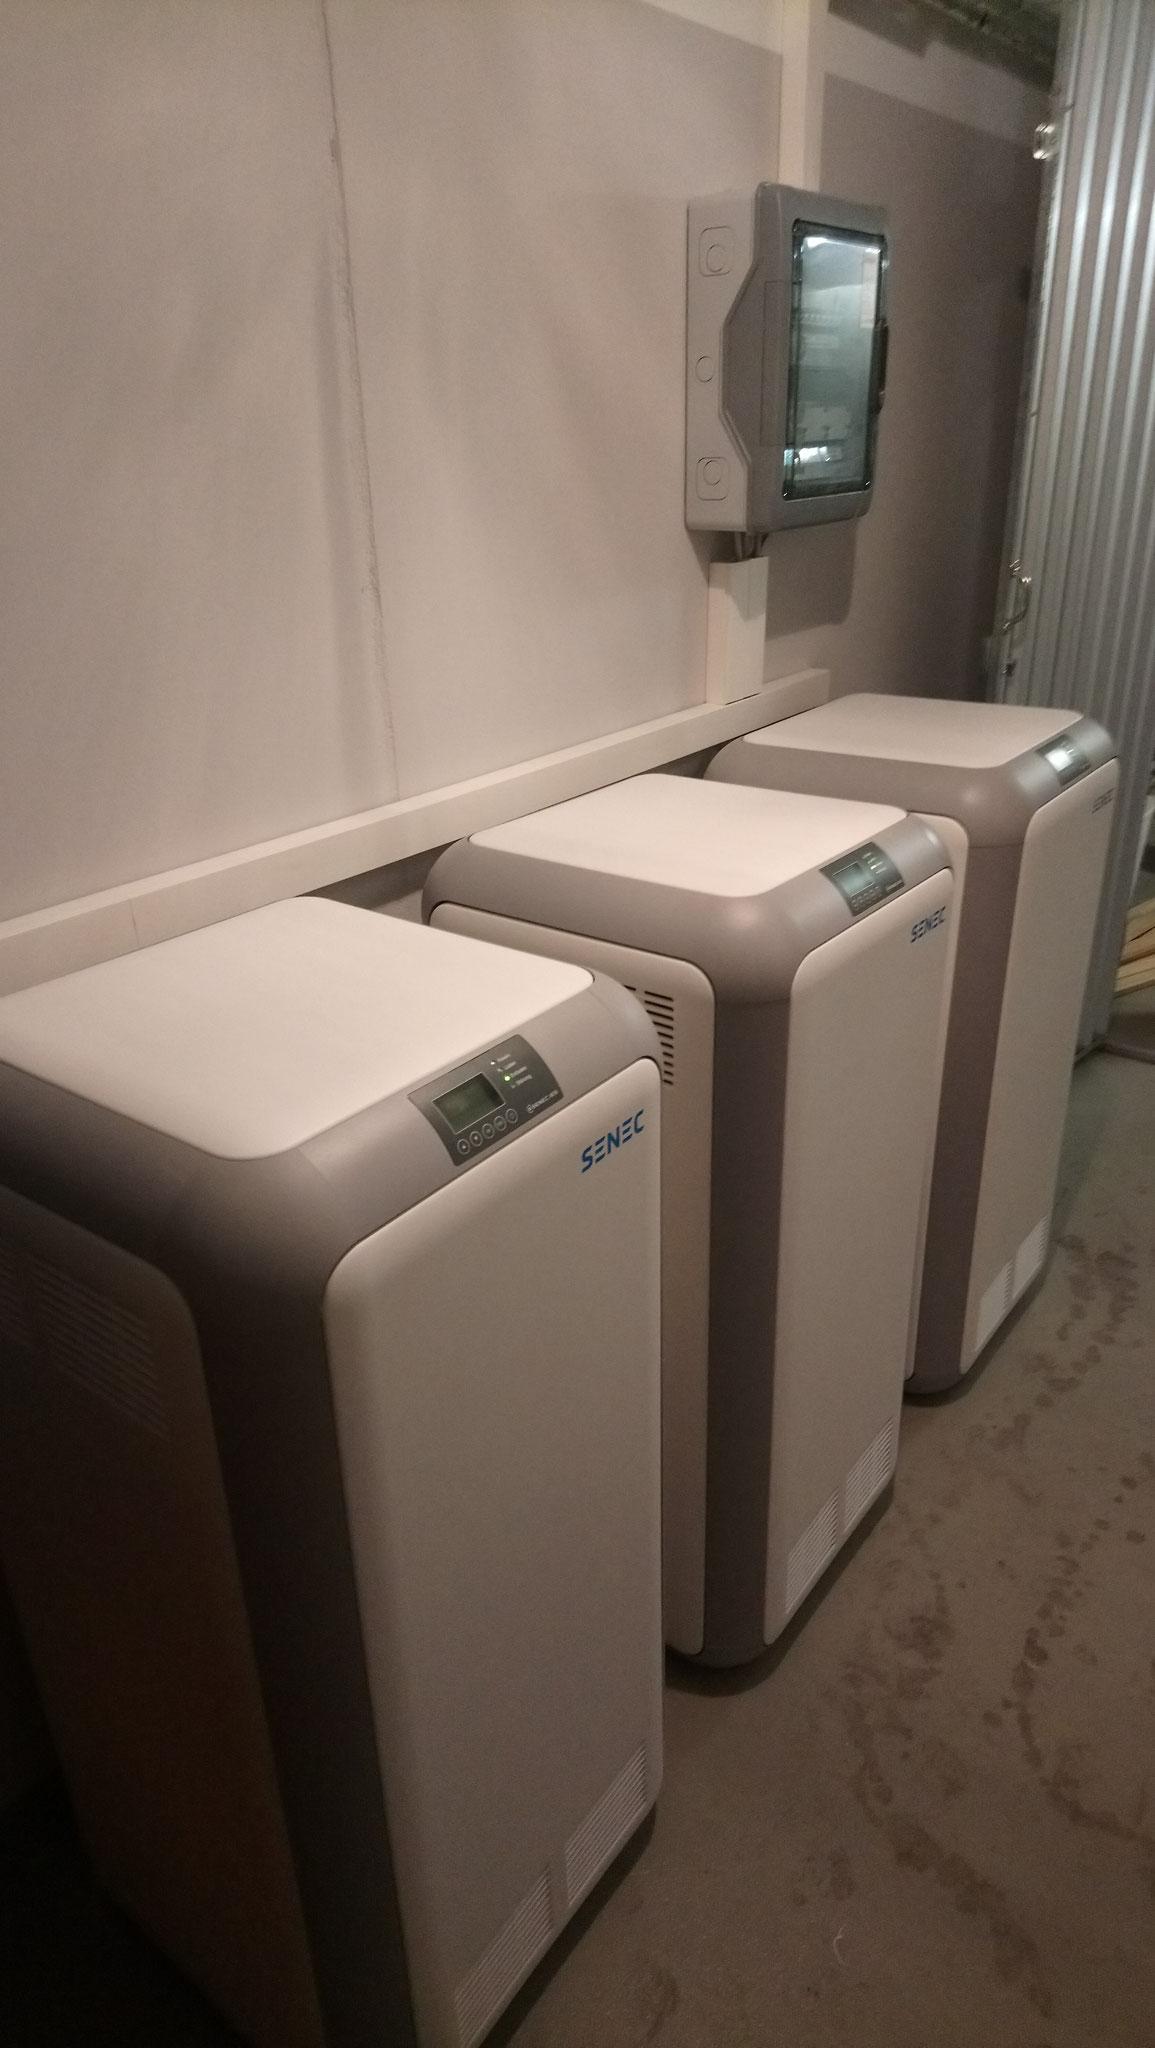 3x 10 kWh Senec Speicher für ein Mieterstromkonzept in Strausberg bei Berlin in Verbindung mit einem BHKW und einer 9,8 kWp PV-Anlage